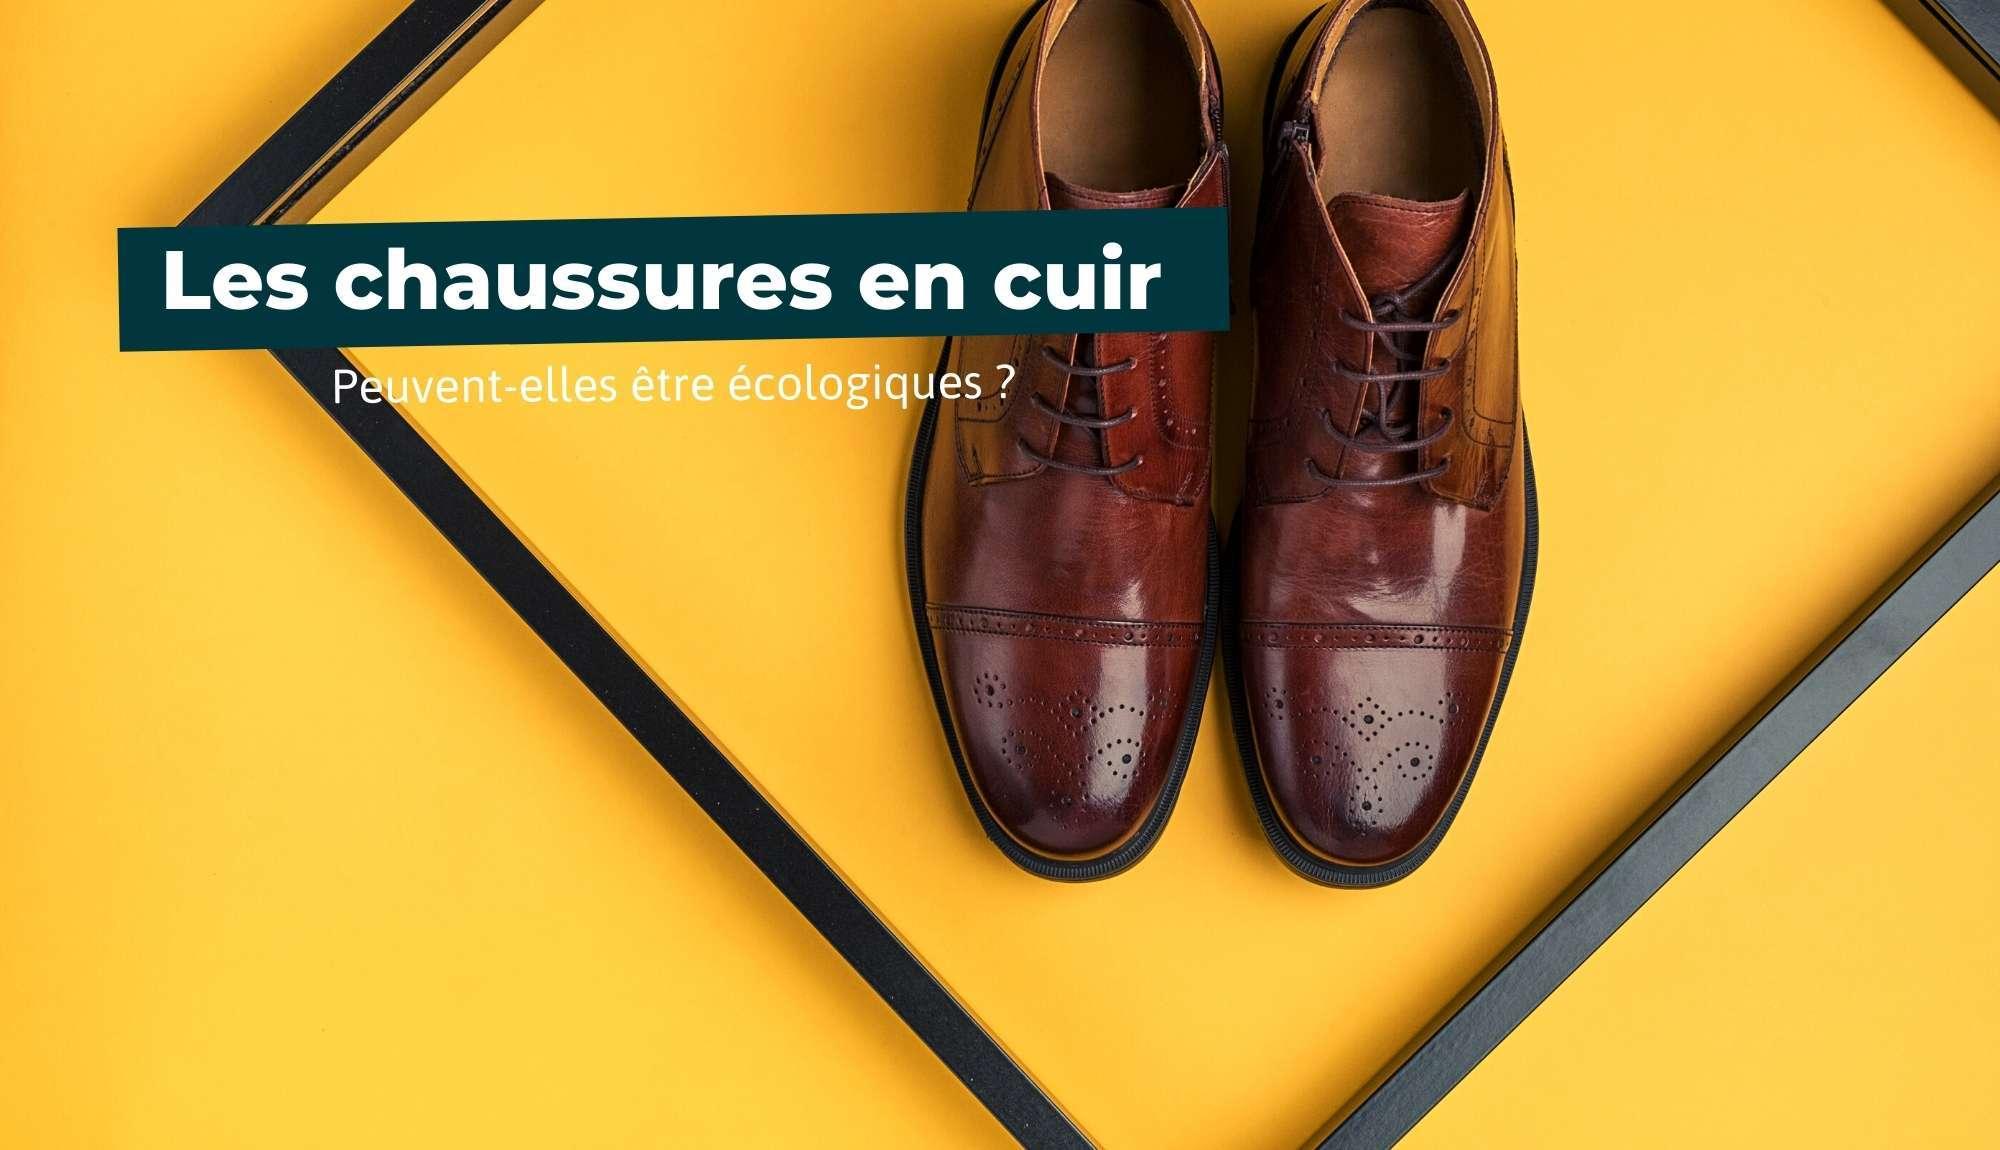 Les chaussures en cuir peuvent-elles être écologiques ?